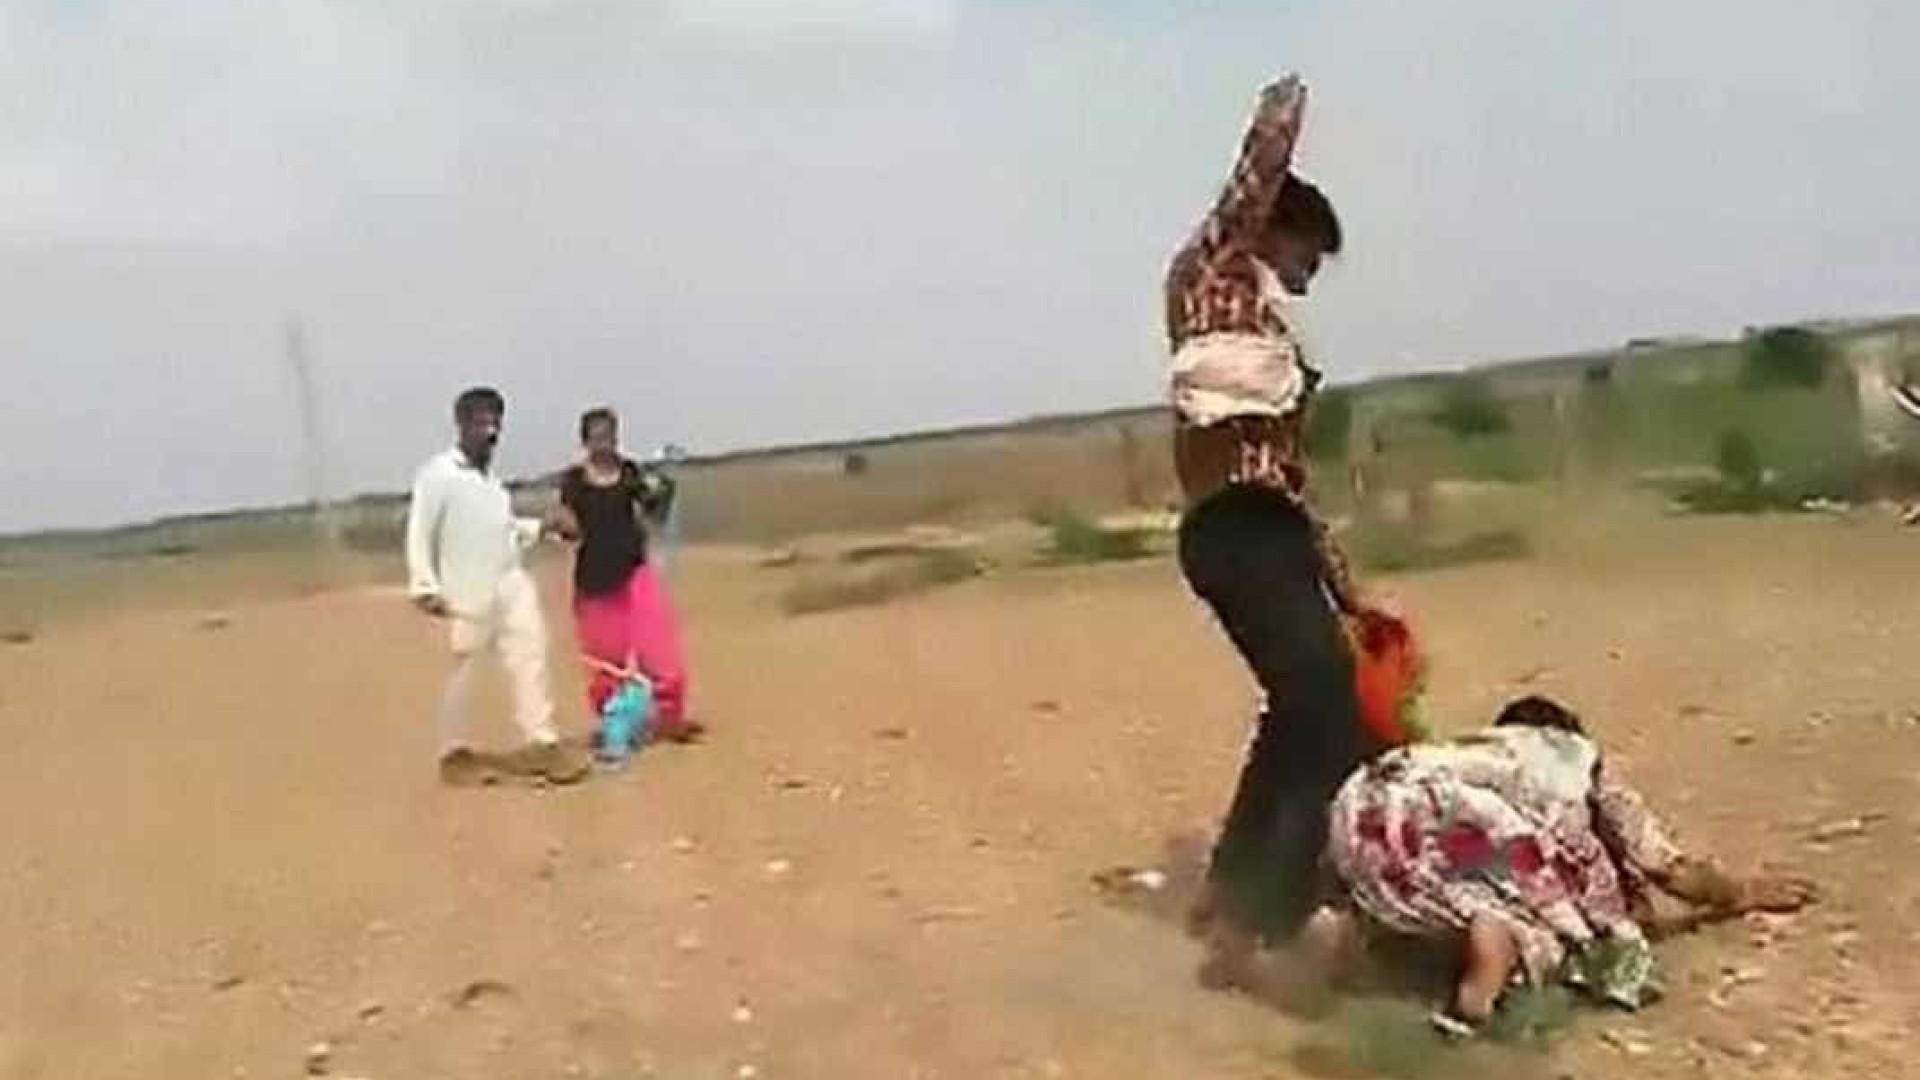 Menor levada à força para casar enquanto mãe é agredida ao tentar impedir